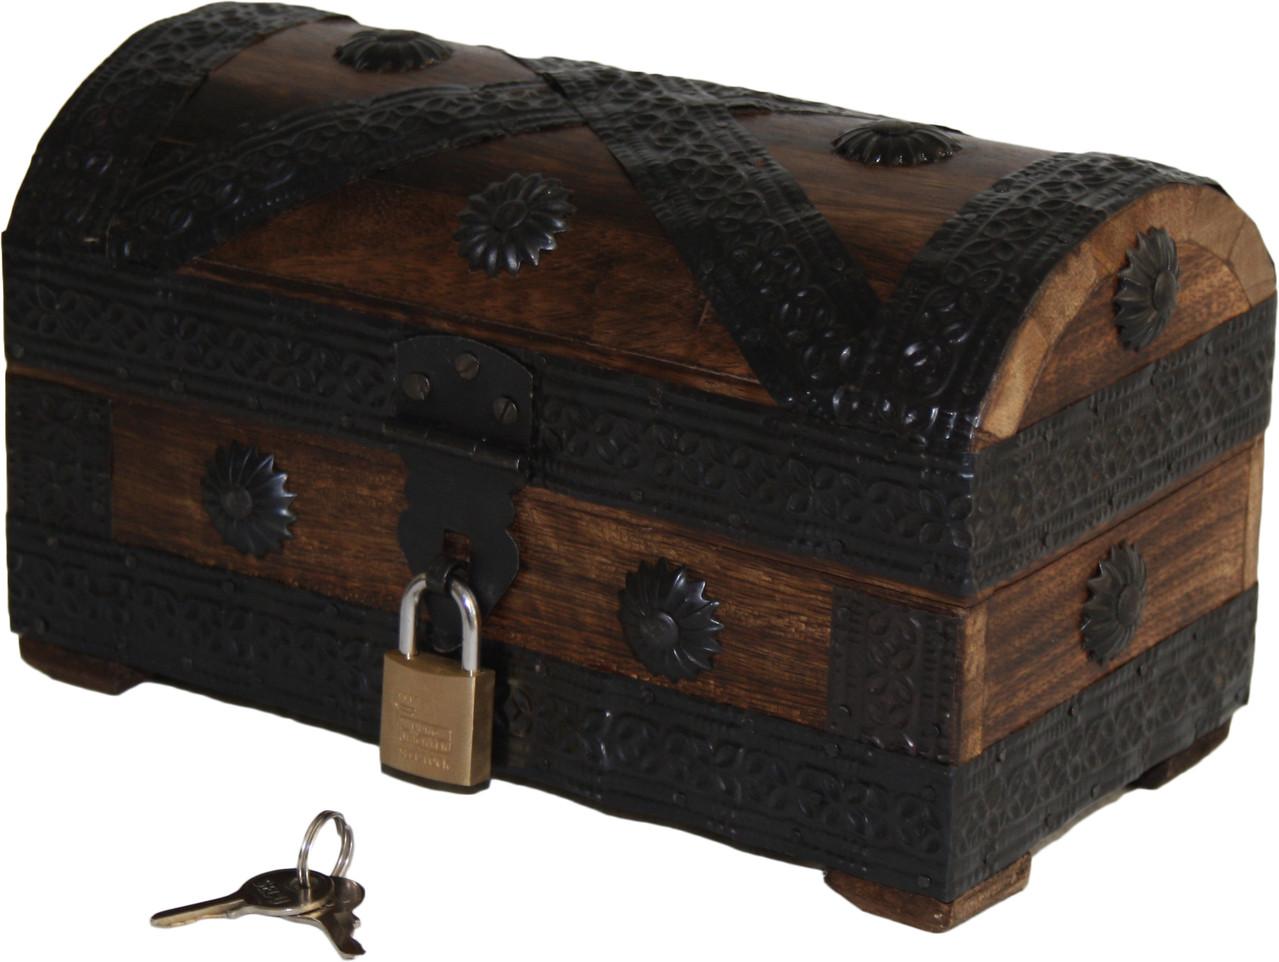 schatztruhen mit schloss aus holz online kaufen bei sd versandhaus. Black Bedroom Furniture Sets. Home Design Ideas